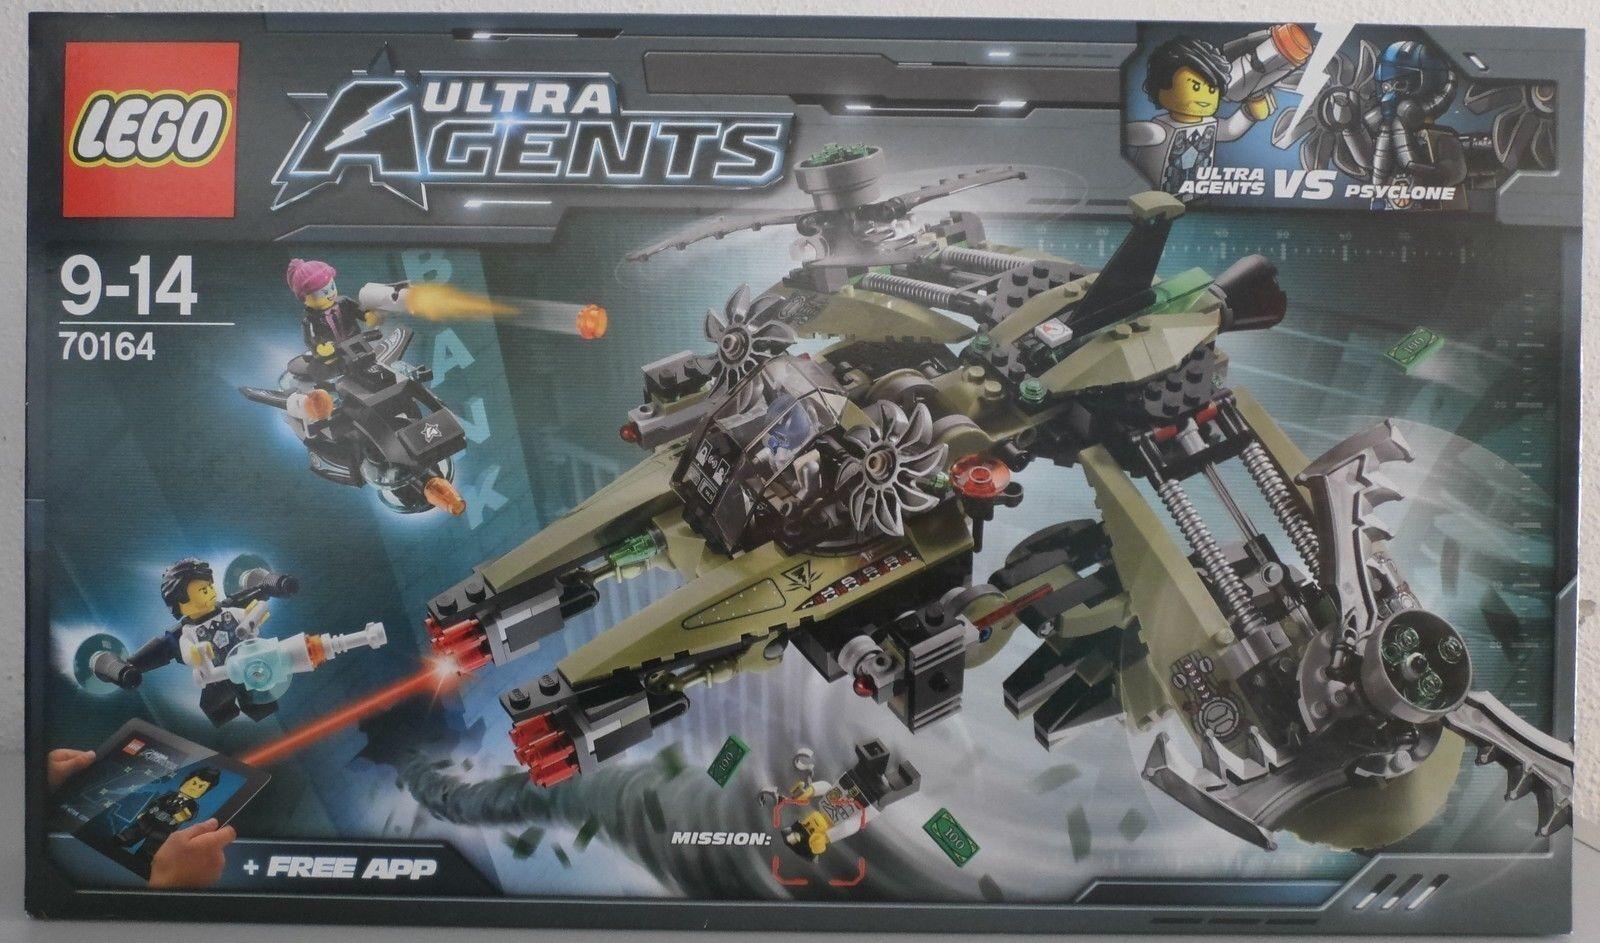 Lego Ultra Agents - Le Vaisseau de Psyclone - 70164 Neuf et scellé - Sealed MISB